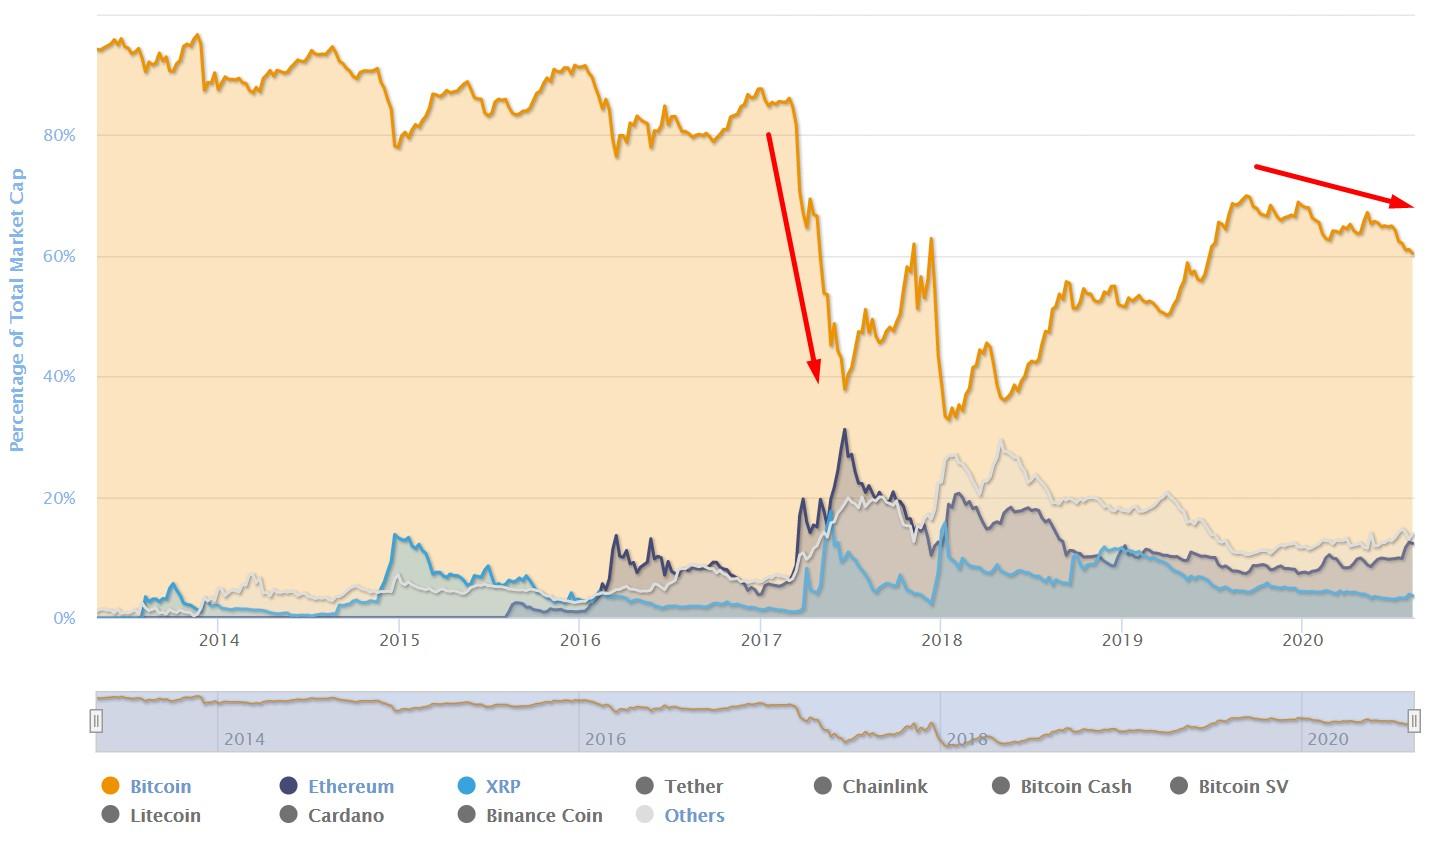 Bitcoin dominance chart